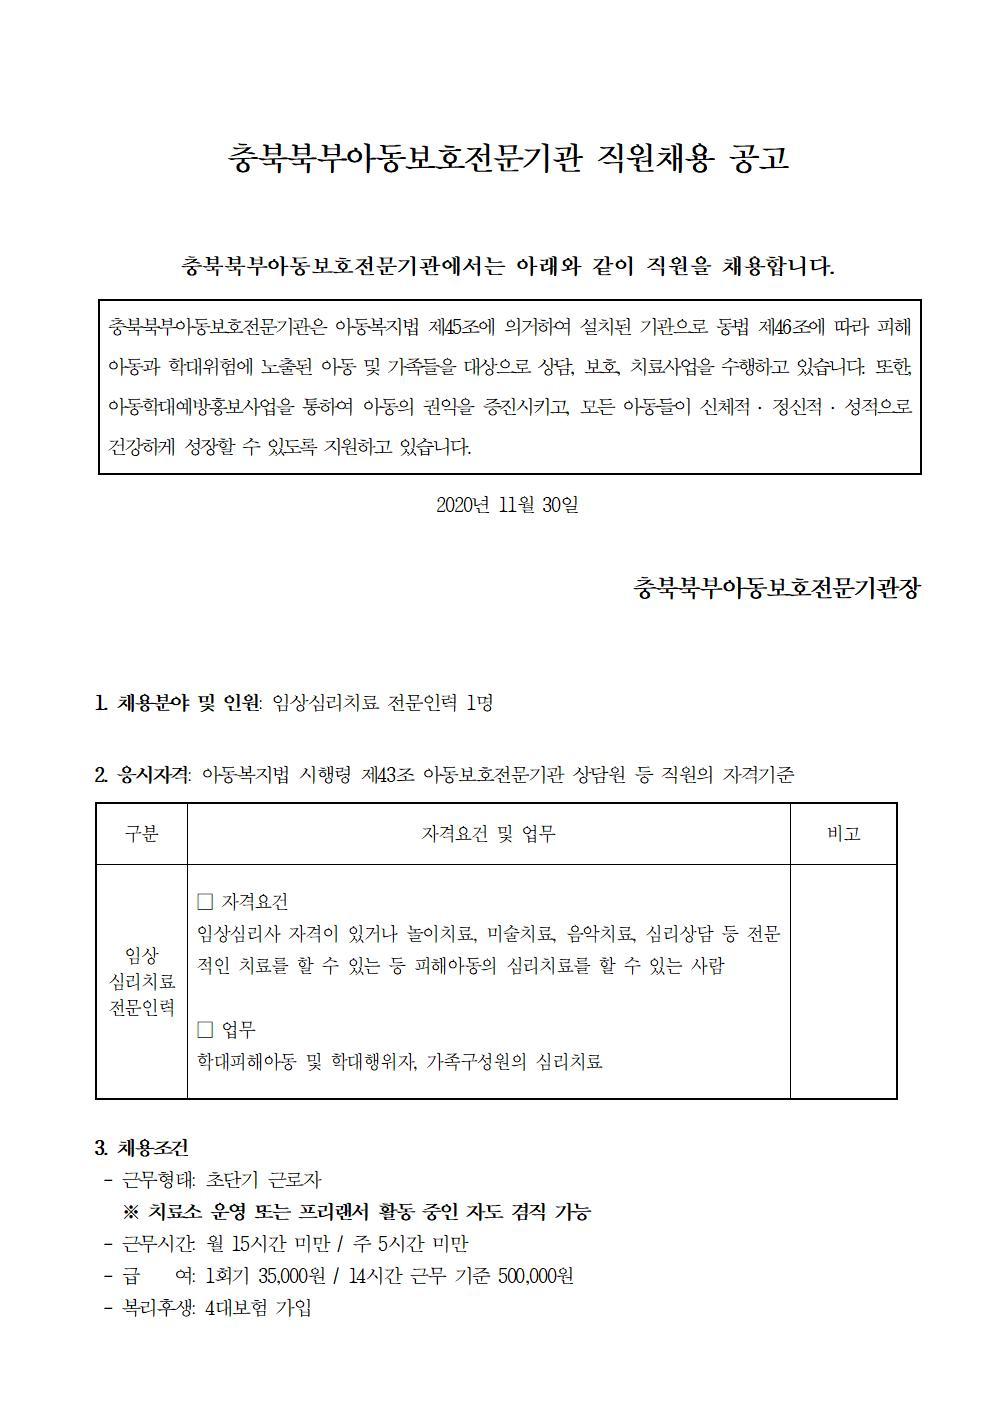 2020년 10월 충북북부아동보호전문기관  채용공고(임상심리치료 전문인력)001.jpg